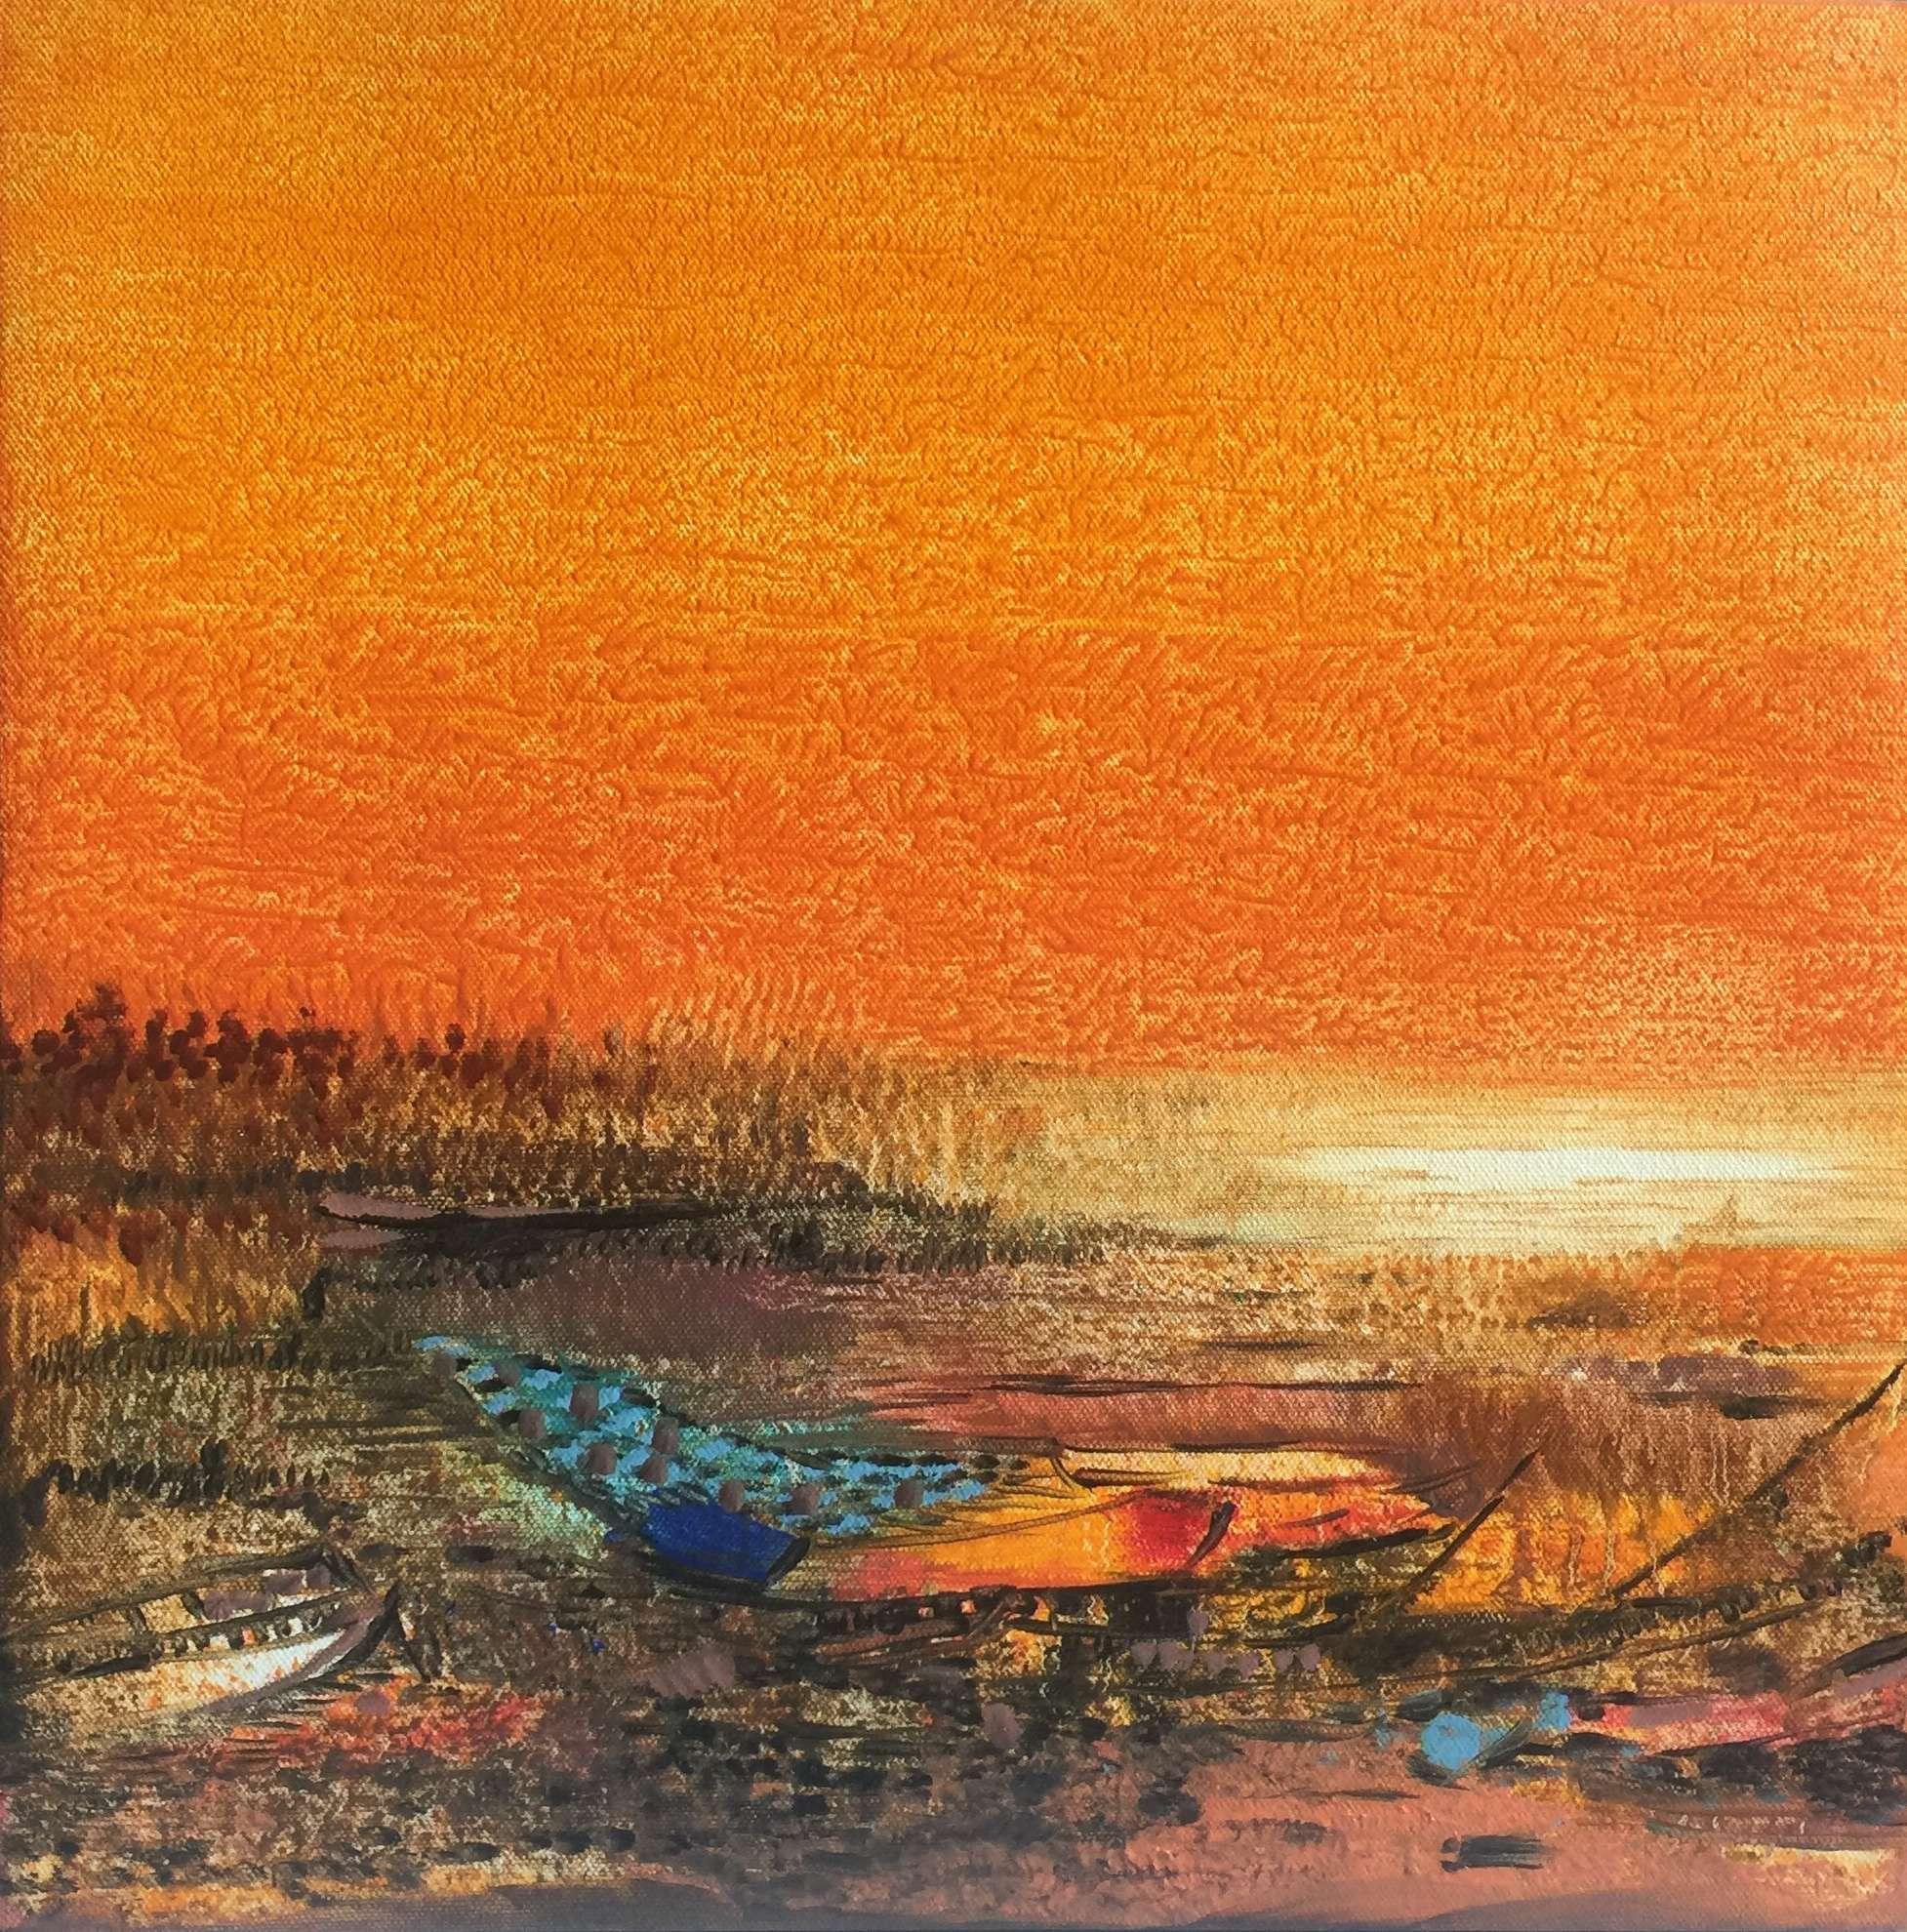 Horizons by Madhuri Bhaduri.